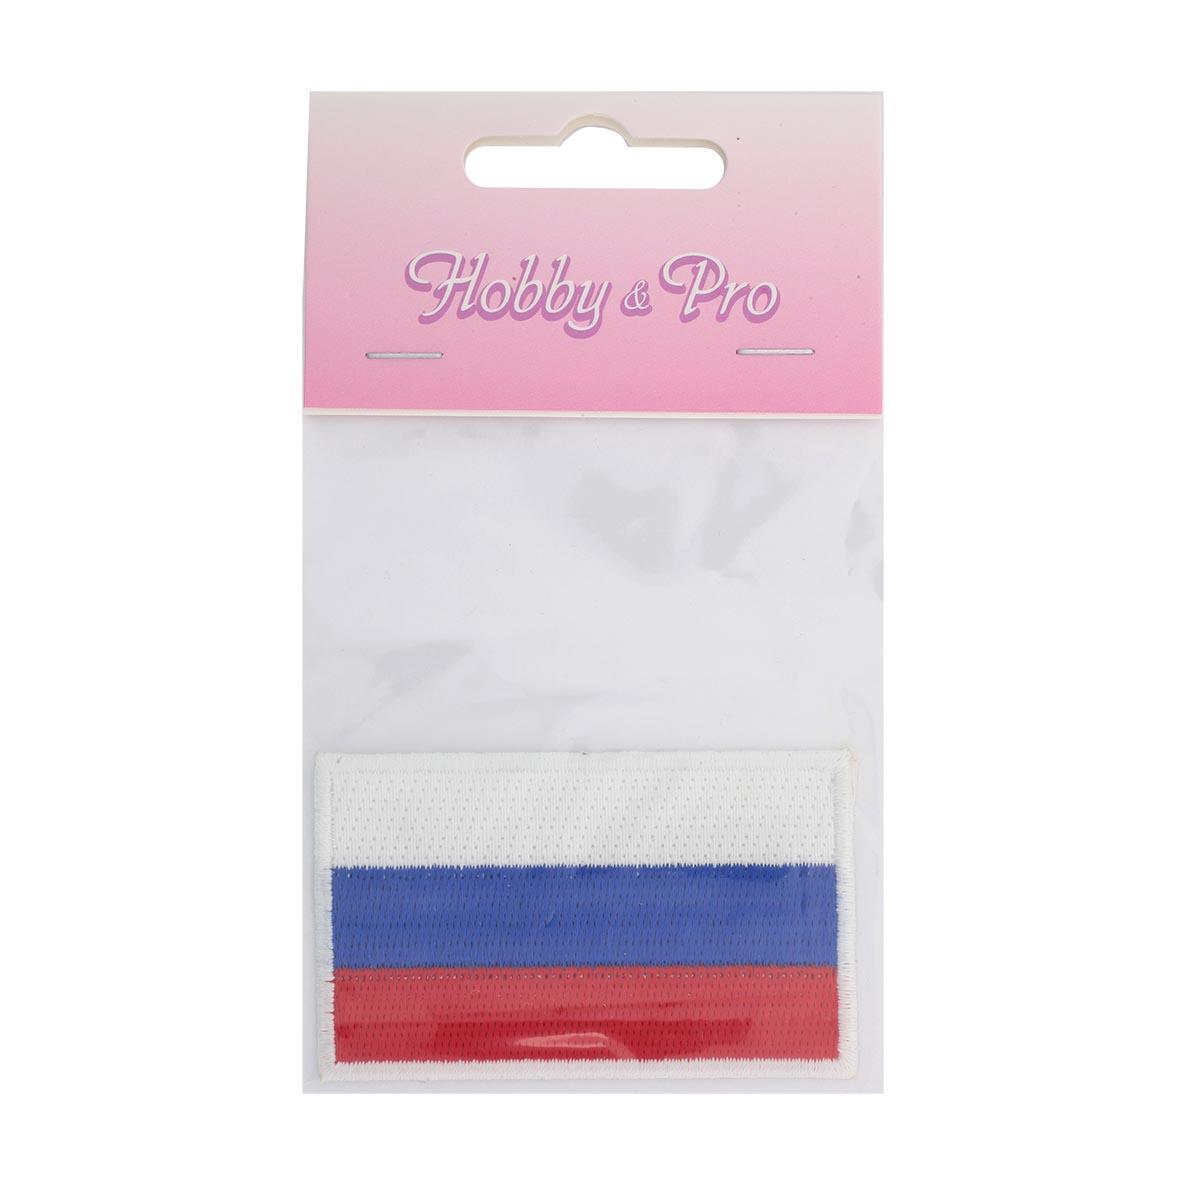 Термоаппликация 'Флаг России' 4*6,5см Hobby&Pro